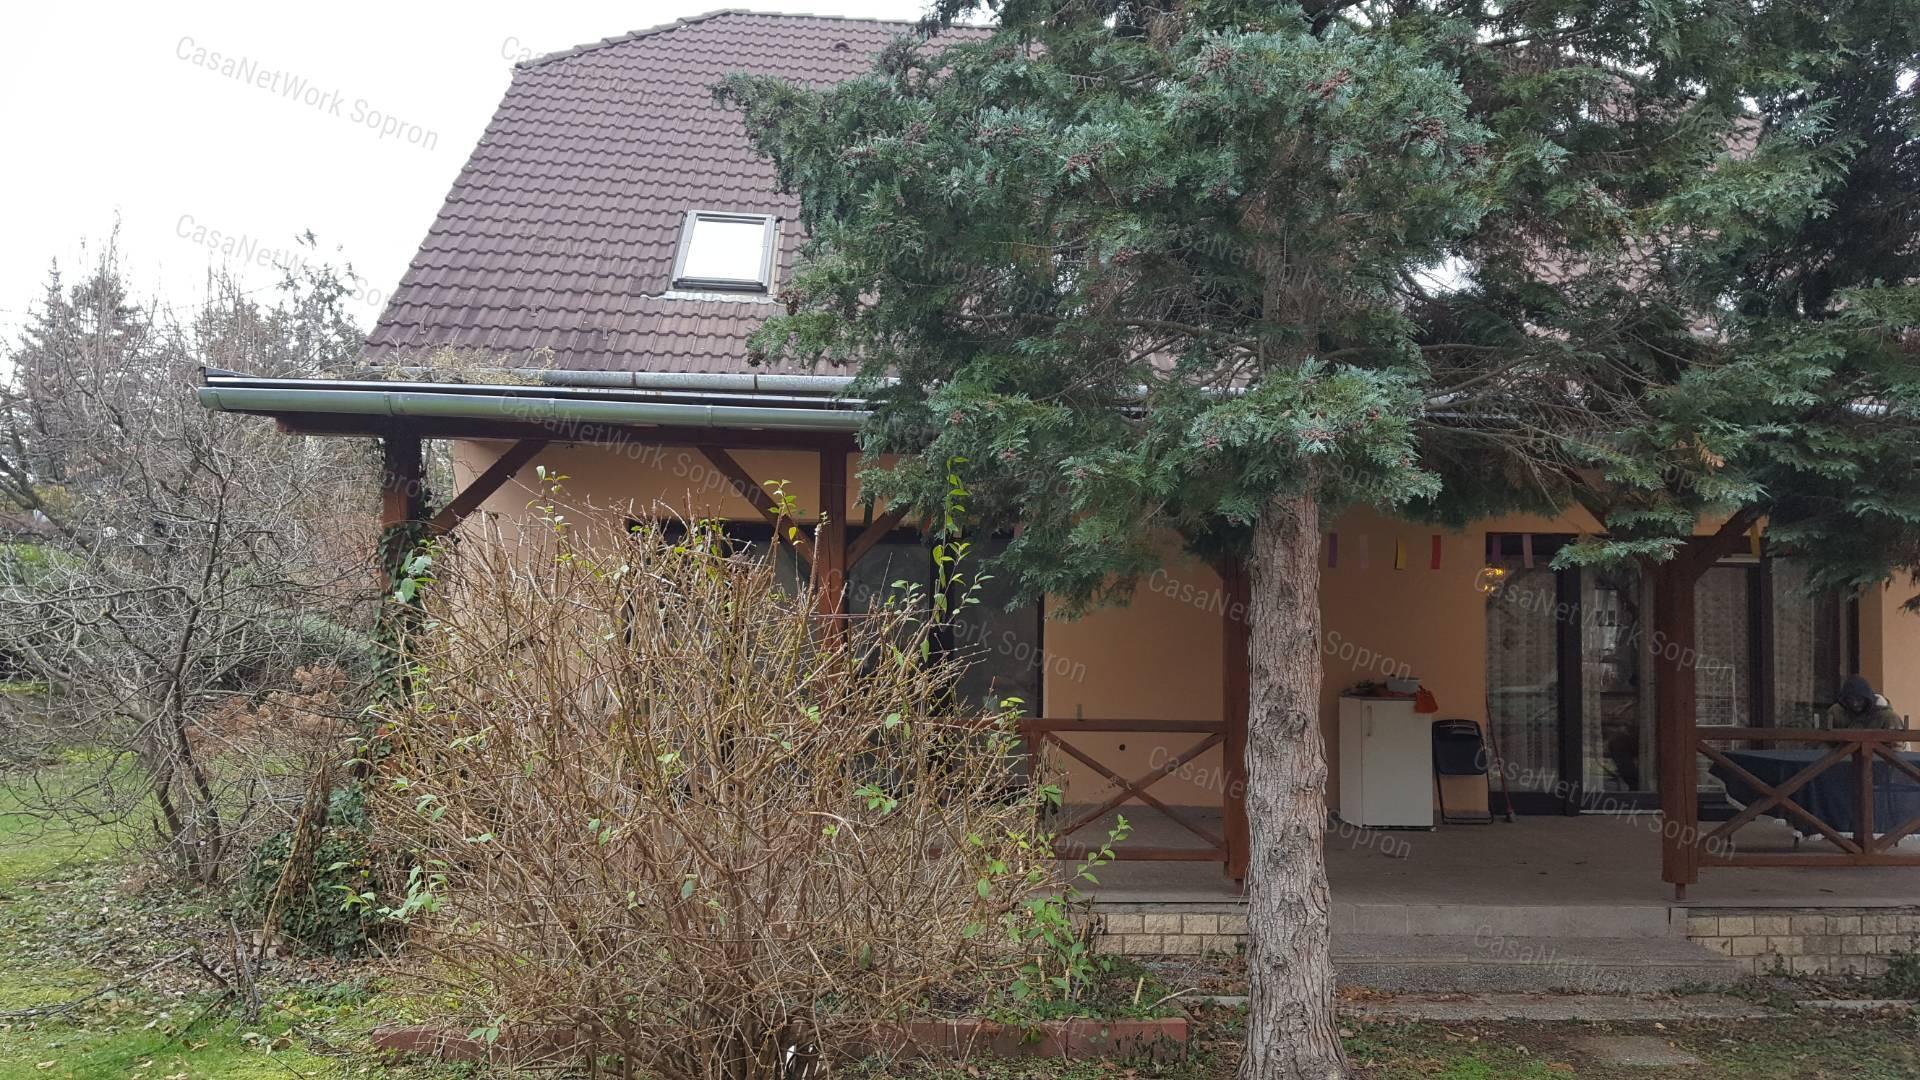 Eladó családi ház, Győr-Moson-Sopron megye, Sopron (Felsőlőverek) - sz.: 164301600 - CasaNetWork.hu